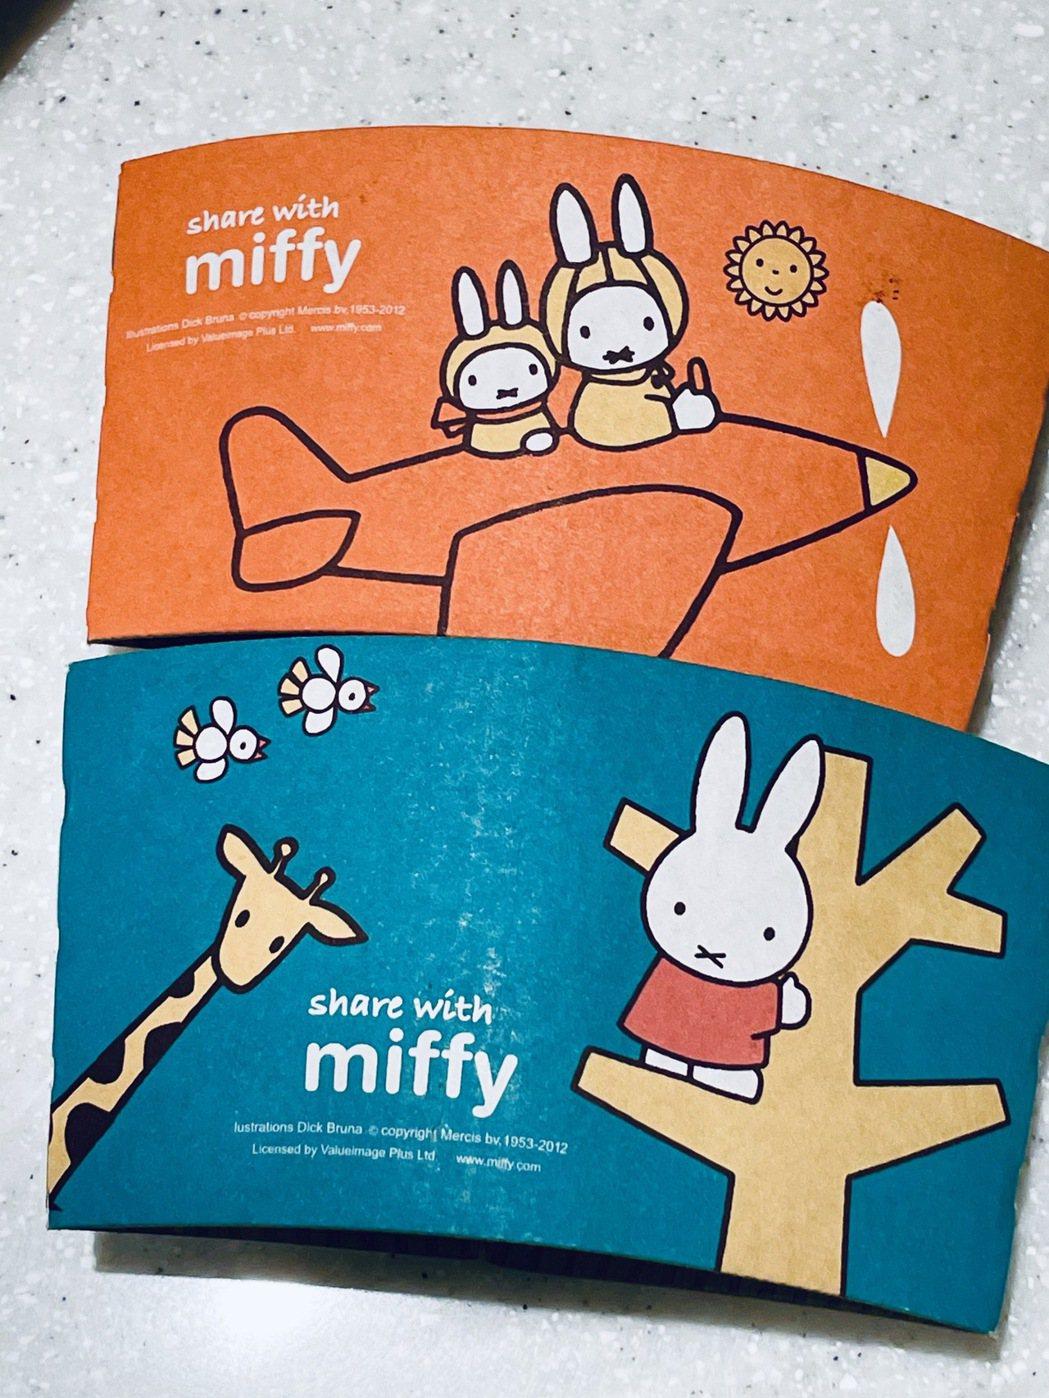 讓我起心動念去收集咖啡杯套的是台灣的超商,那時推出了米飛兔系列的咖啡杯套。圖/李...